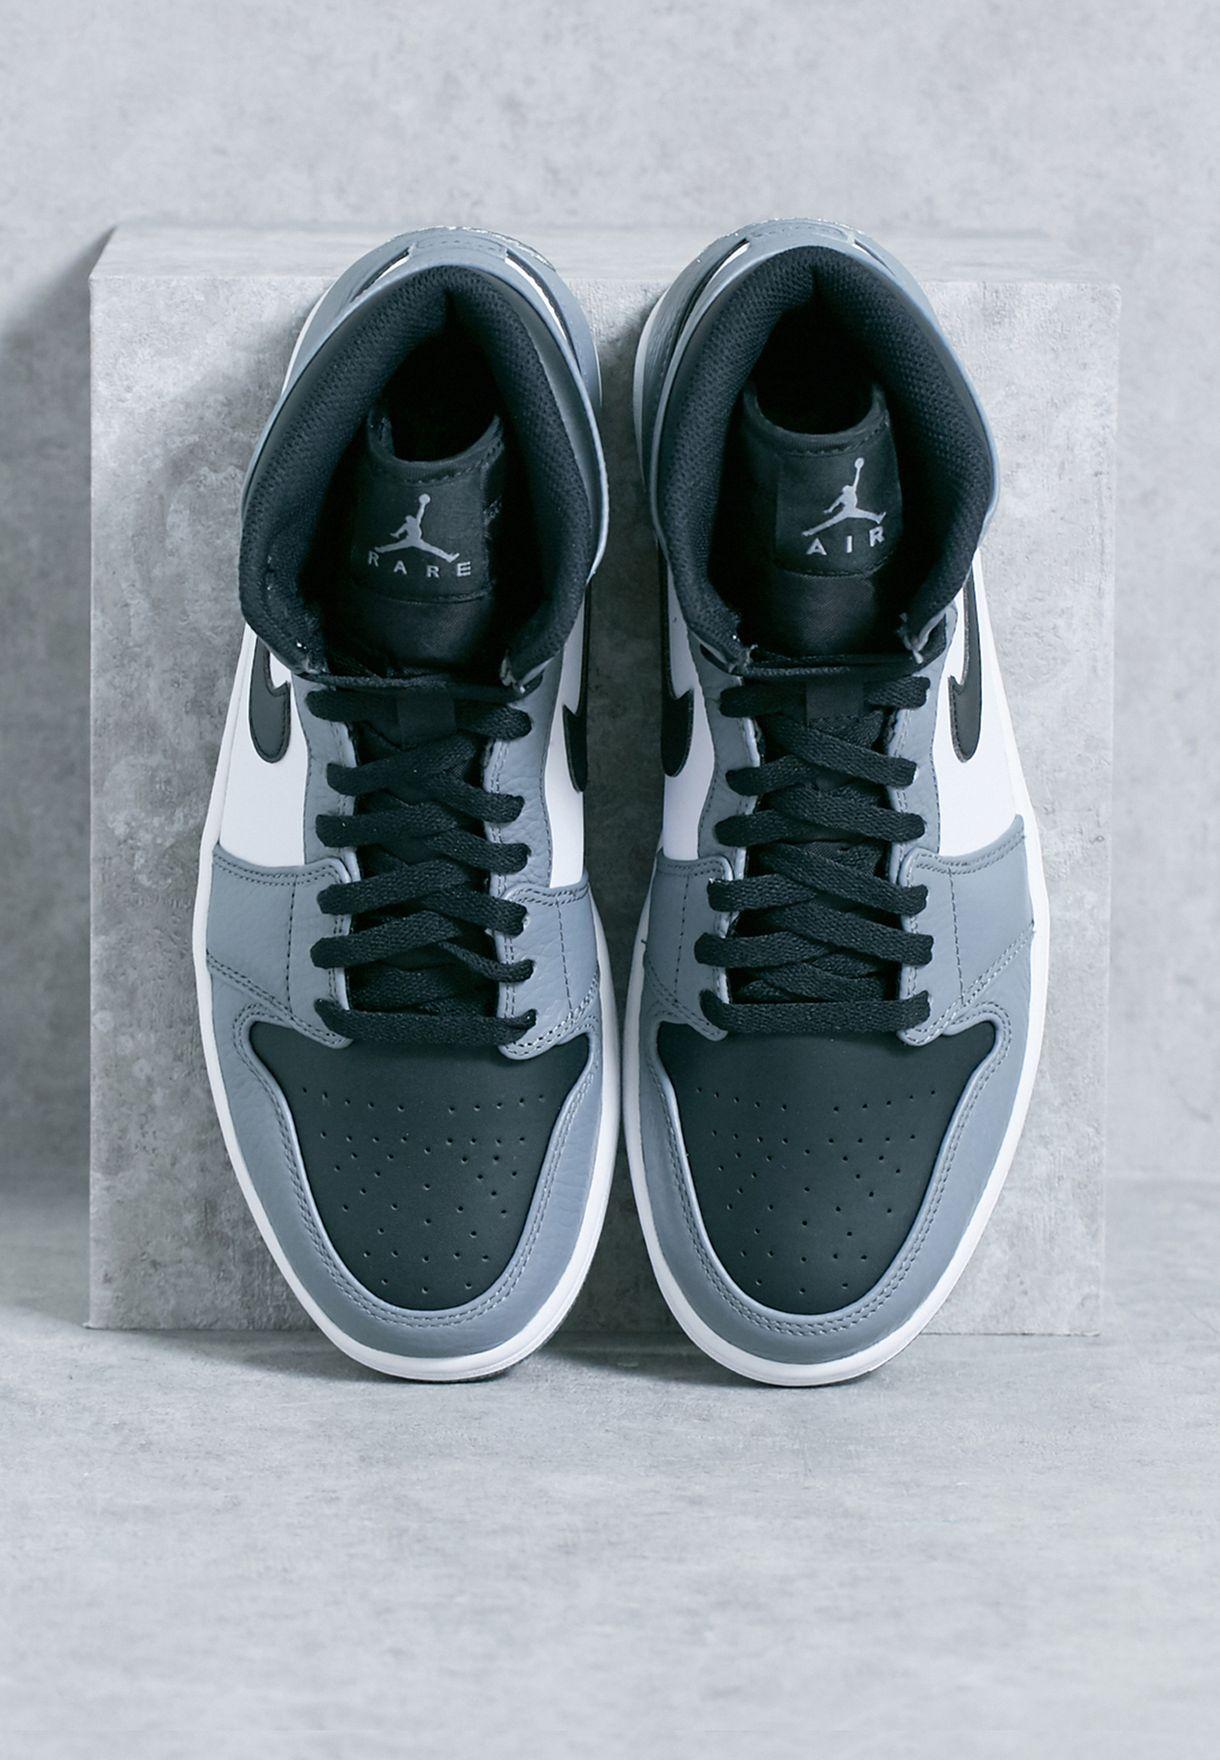 659b41b8bec Shop Nike multicolor Air Jordan 1 Retro High 332550-024 for Men in ...